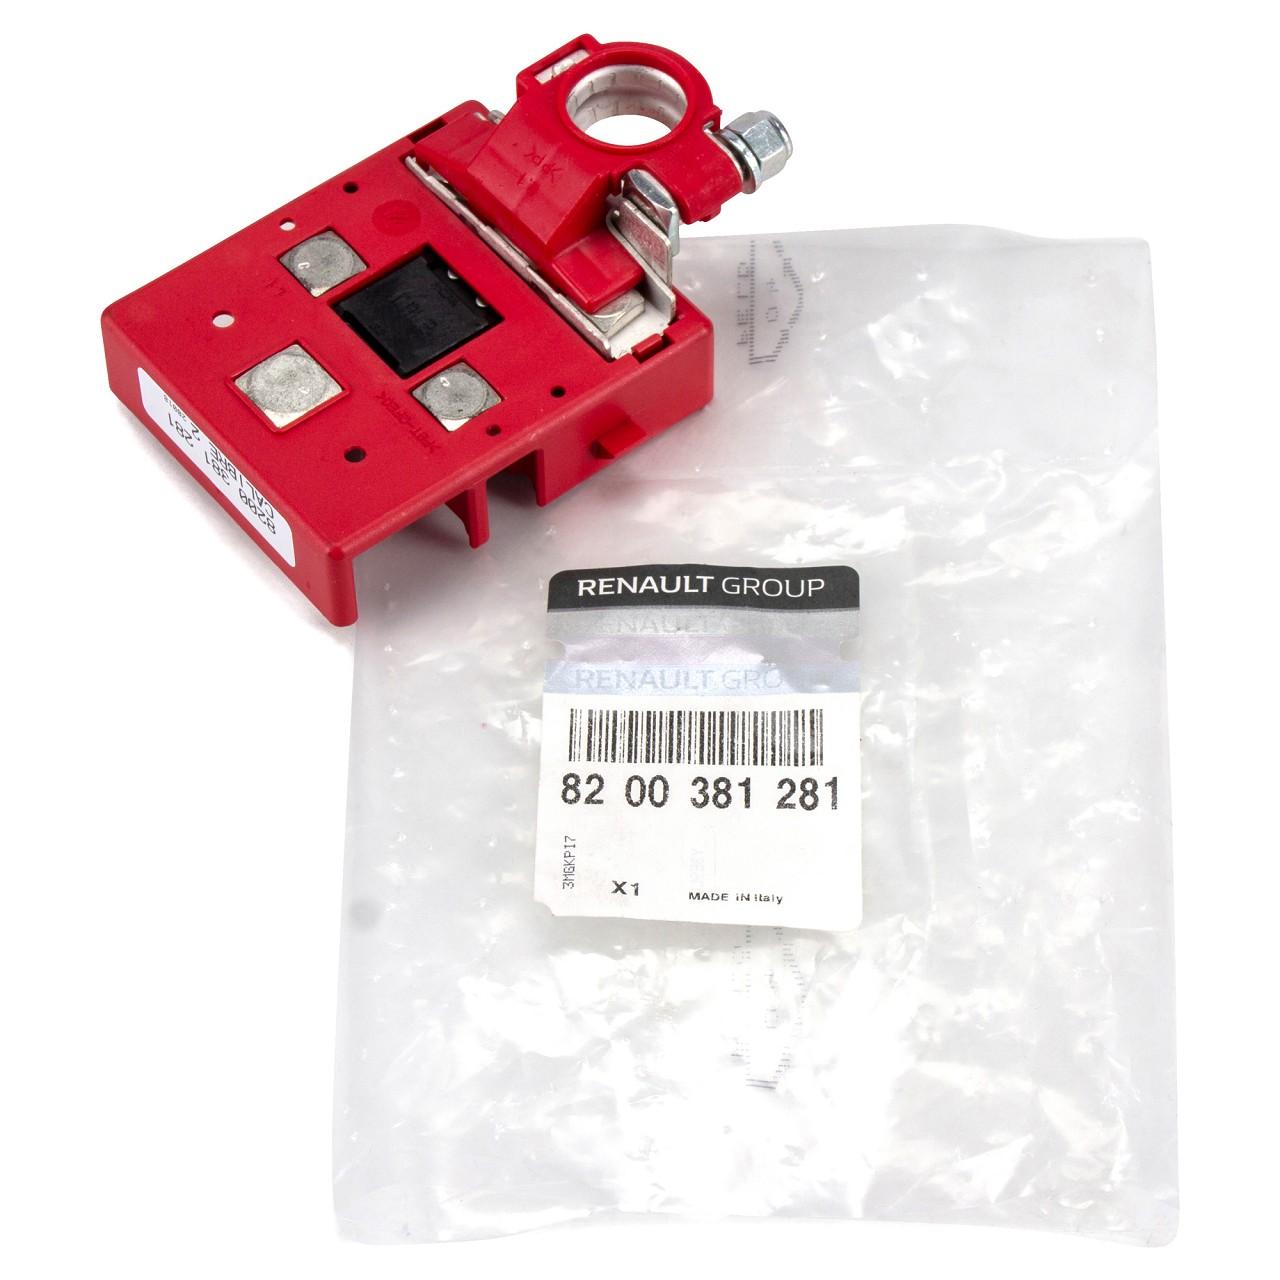 ORIGINAL Renault Batterieklemme Pluspol Plus Sicherung MEGANE II 8200381281